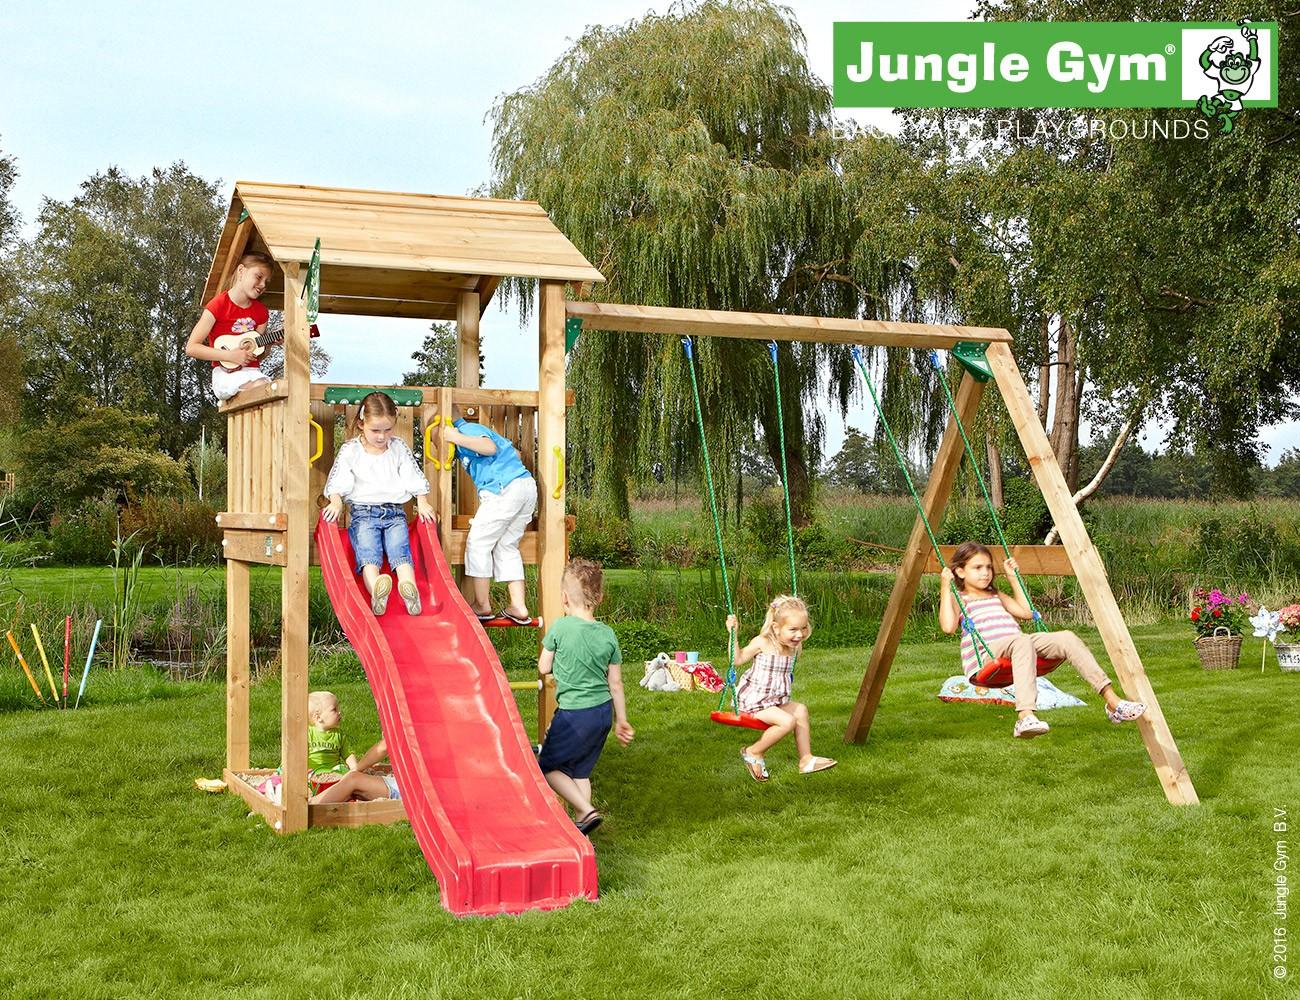 jungle gym jasons casa spielturm set mit schaukel kletterturm mit rutsche ebay. Black Bedroom Furniture Sets. Home Design Ideas